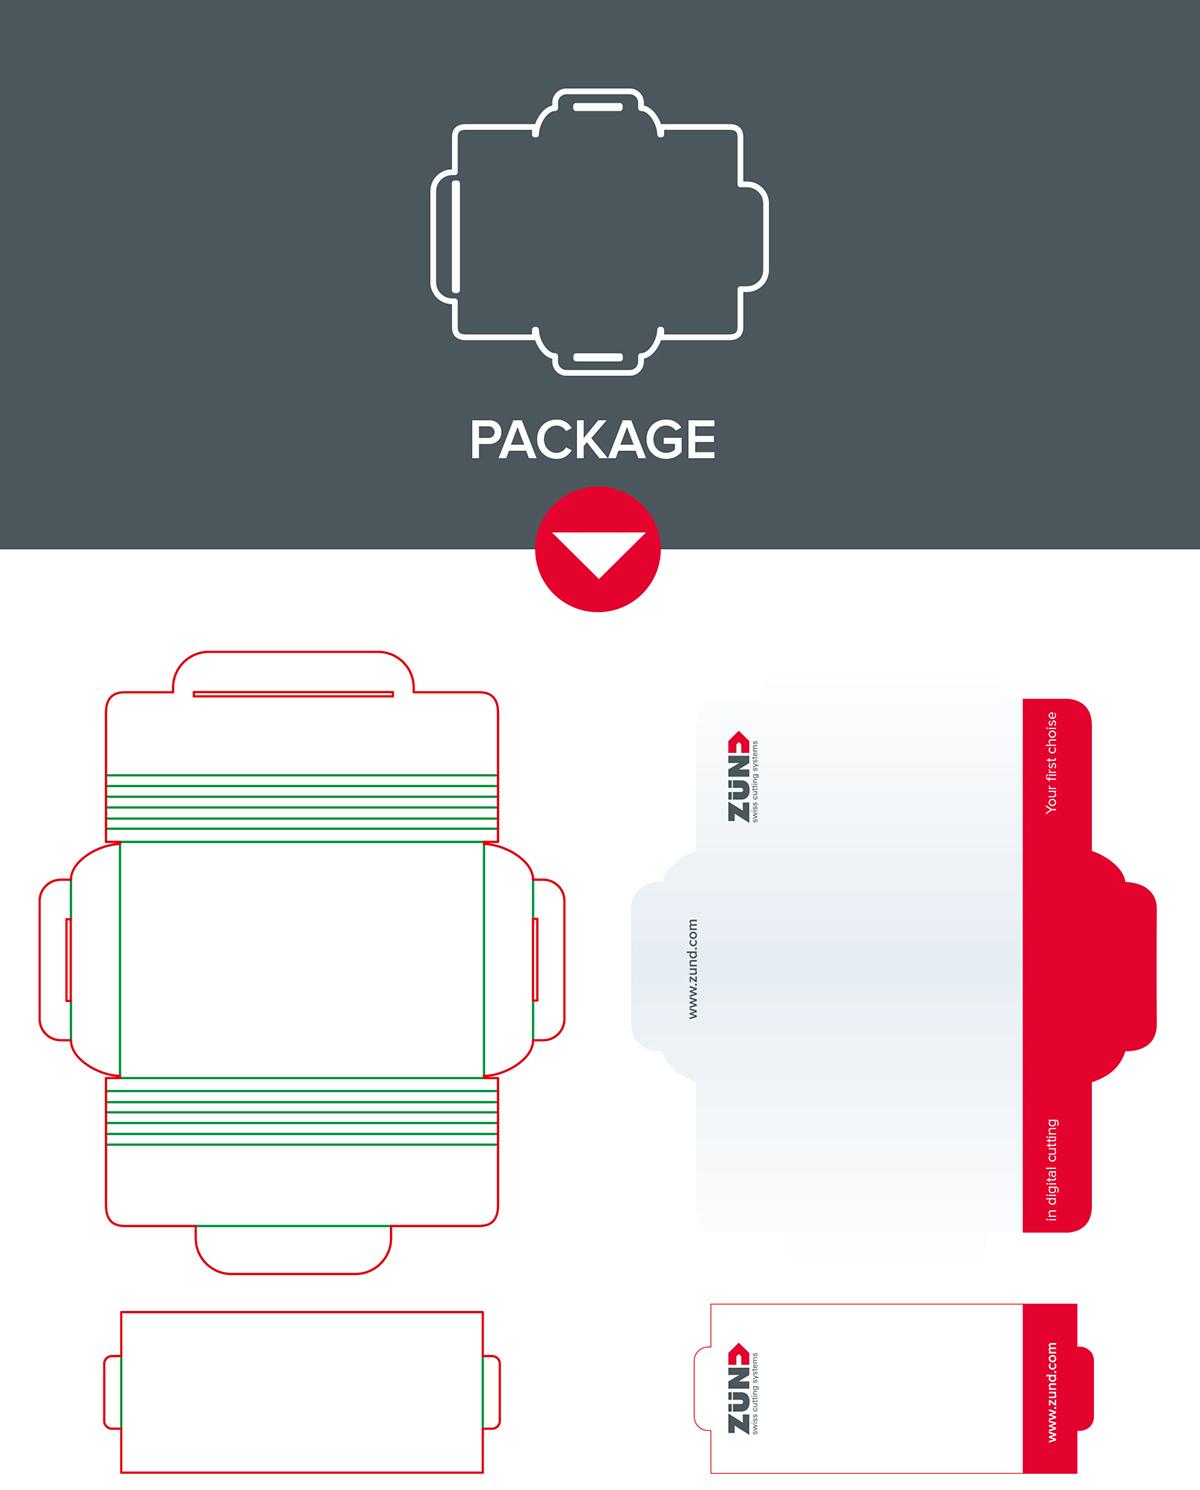 graphicdesign zund beast graphic design logo